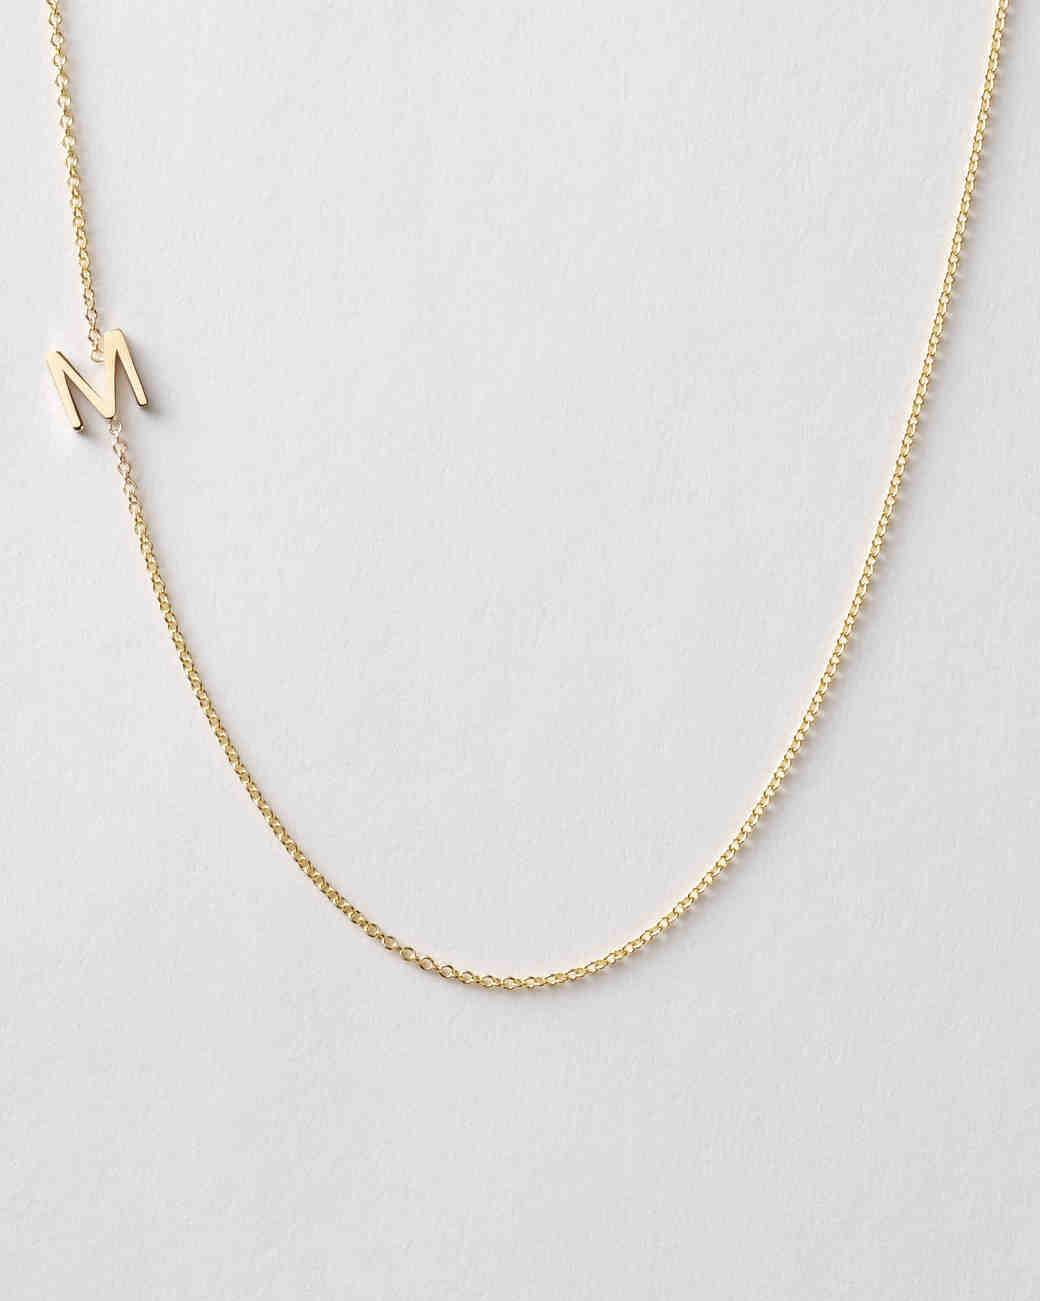 bridesmaid-gifts-maya-brenner-necklace-0914.jpg